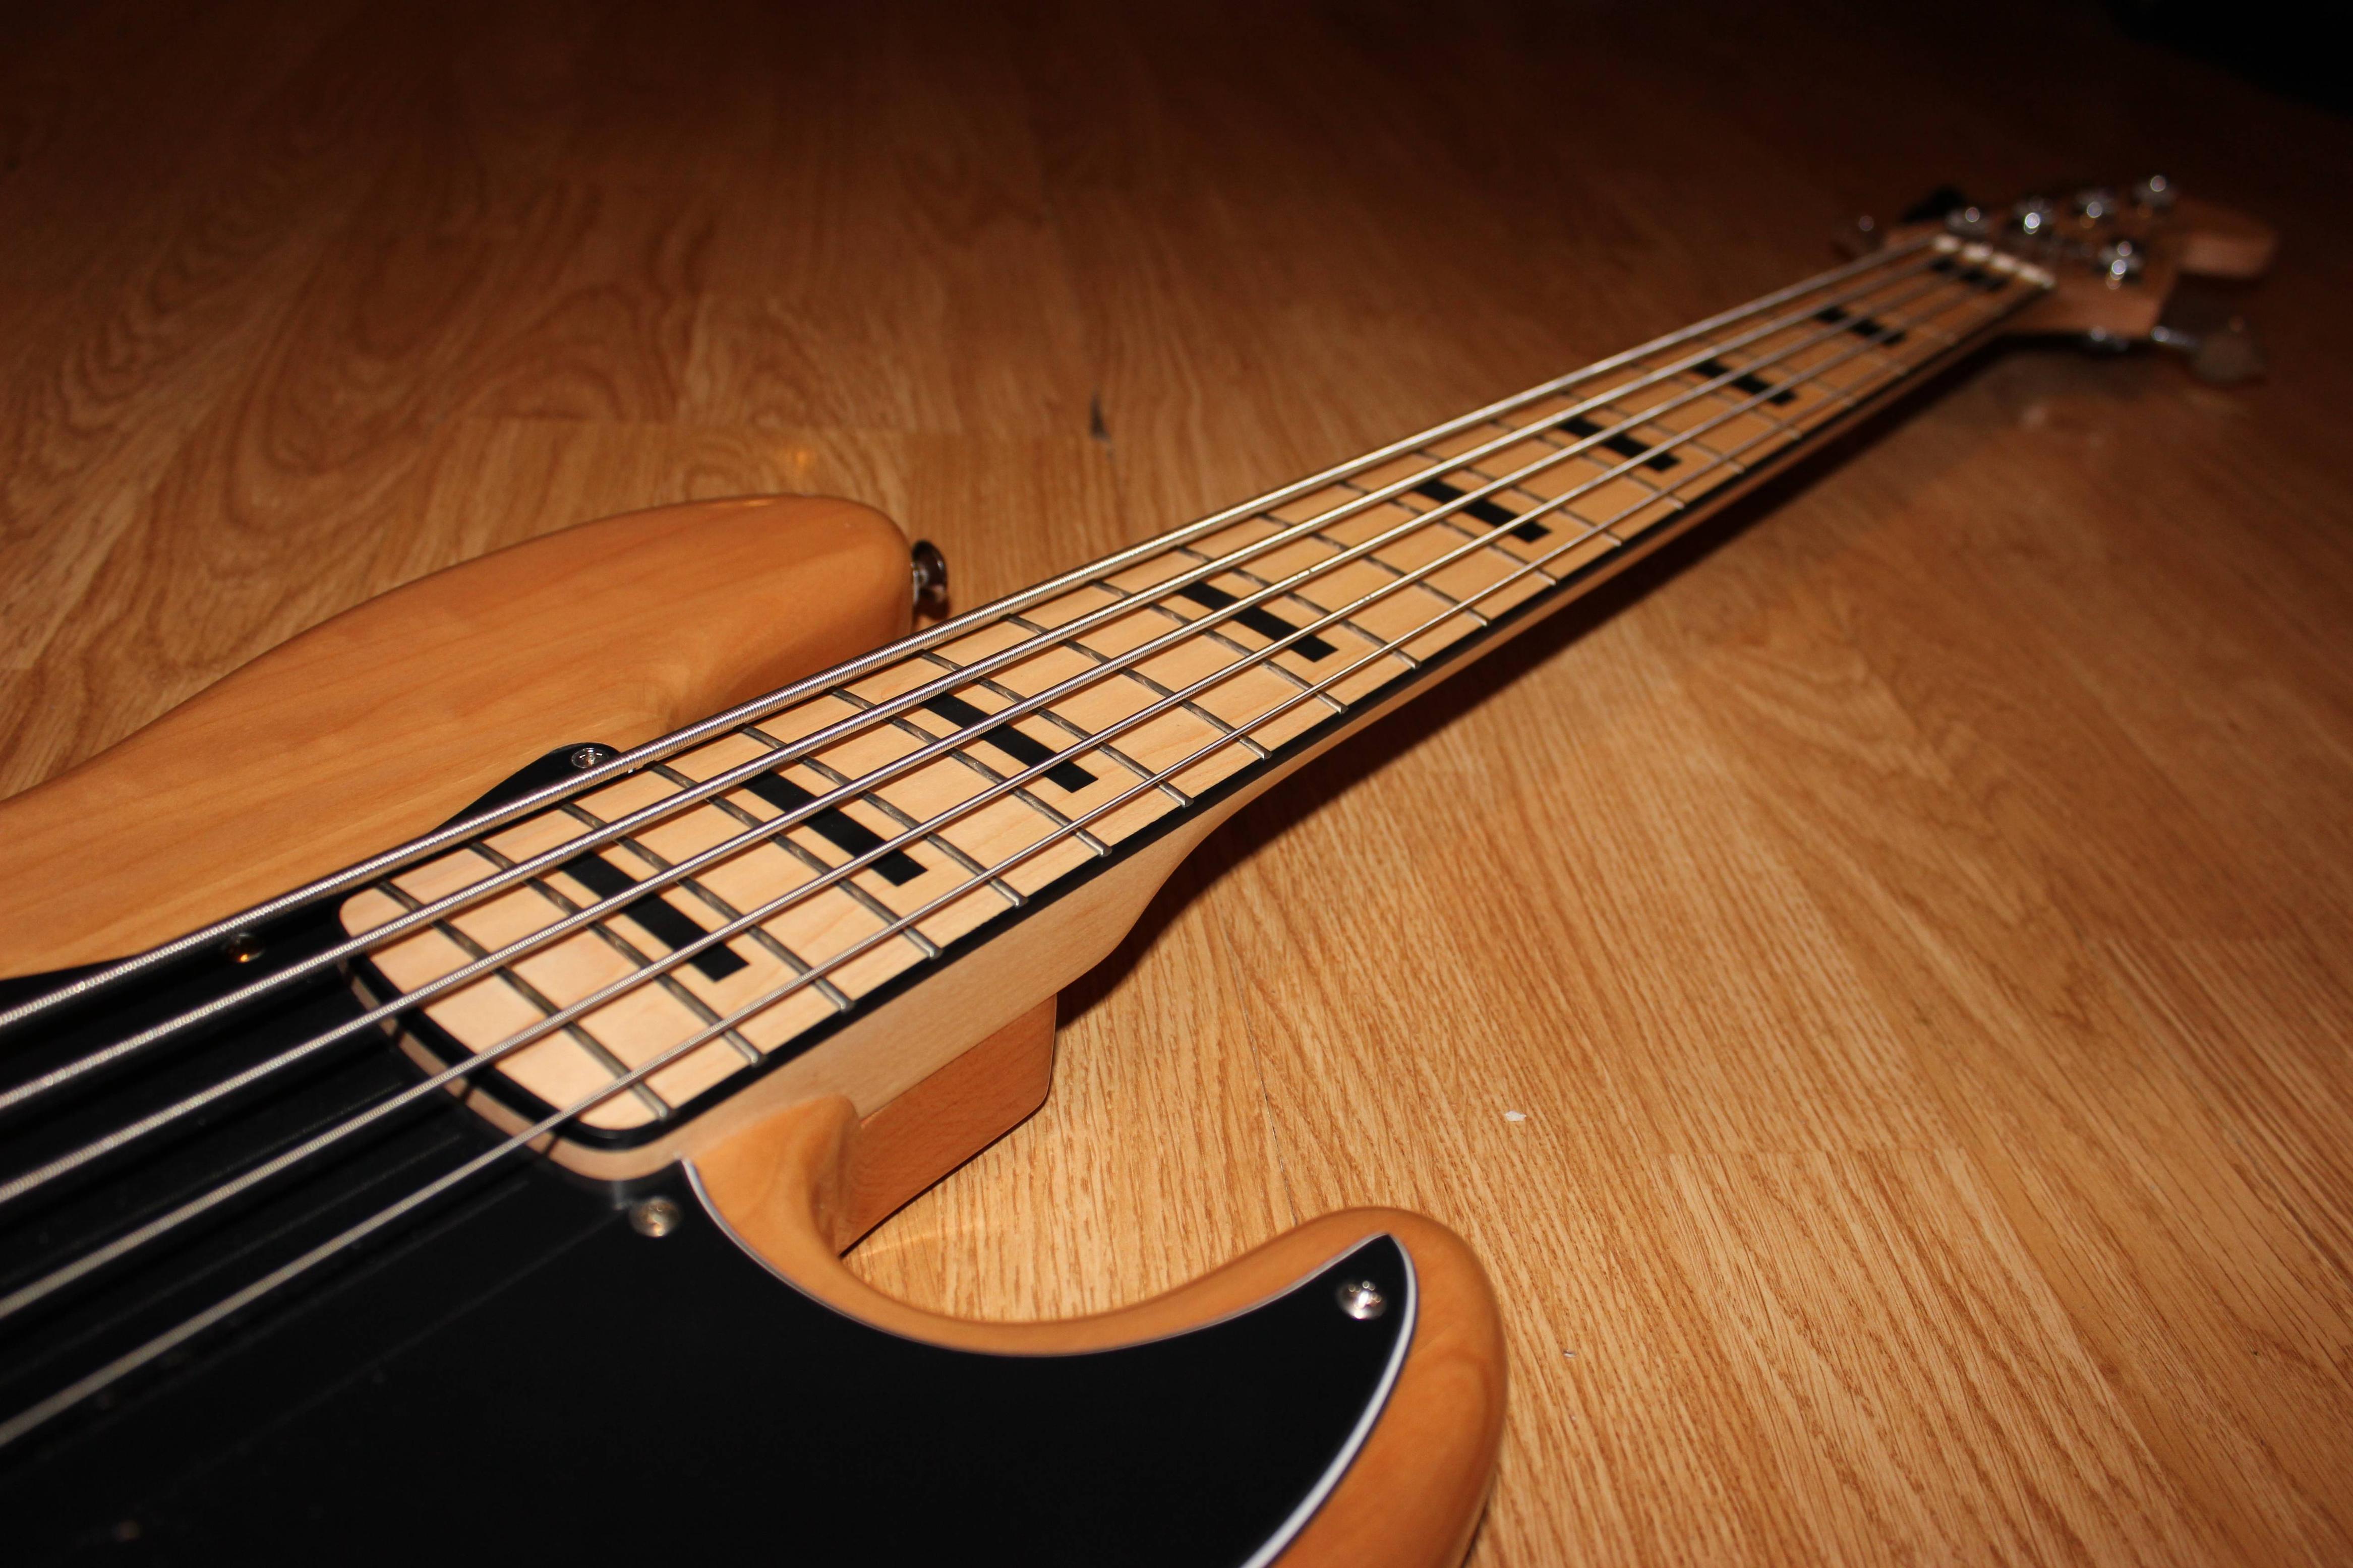 Bass Guitar Wallpapers 4666x3110